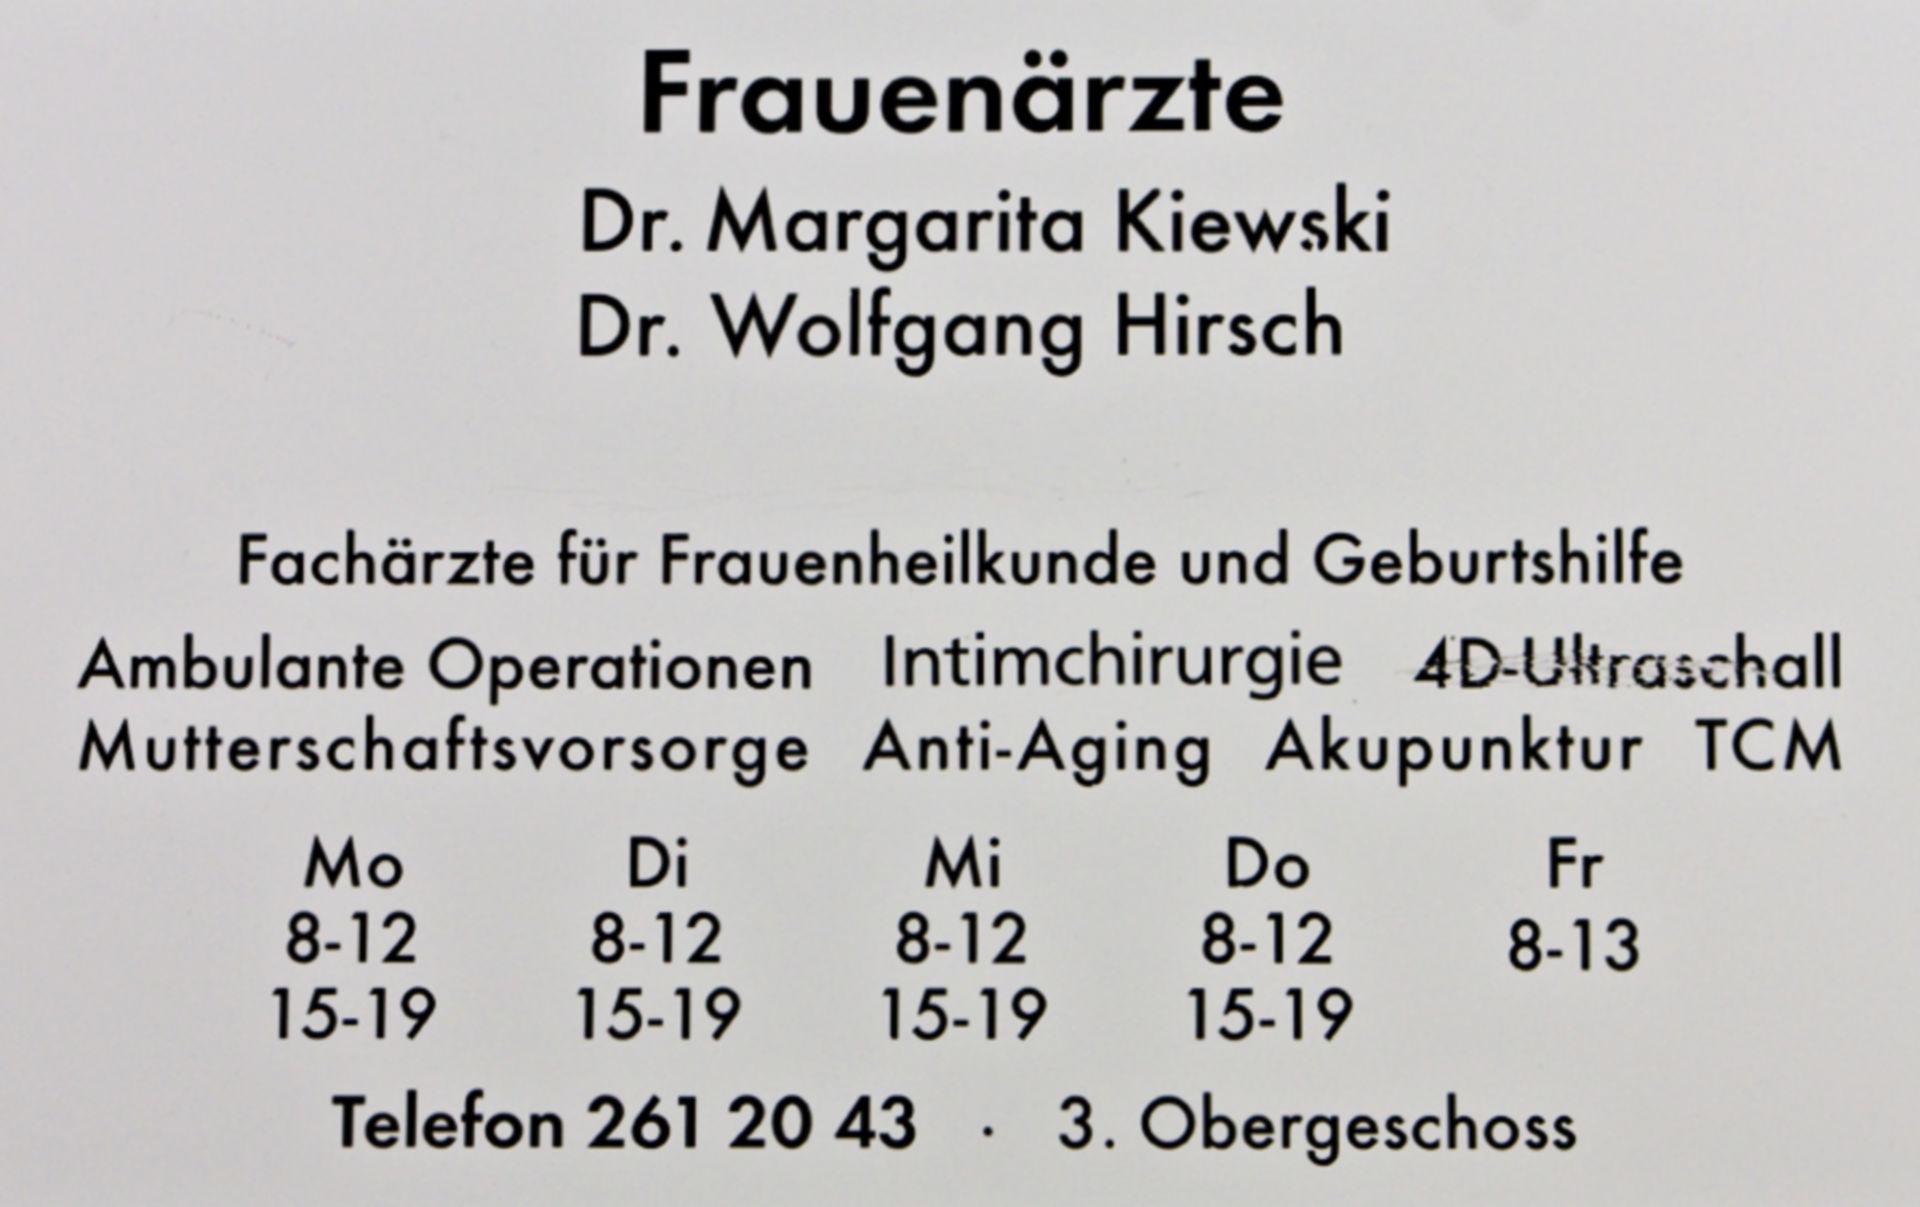 Praxisschild Frauenärzte in Berlin-Mitte  am Potsdamer Platz Berlin - Schwangerschaft - Operationen